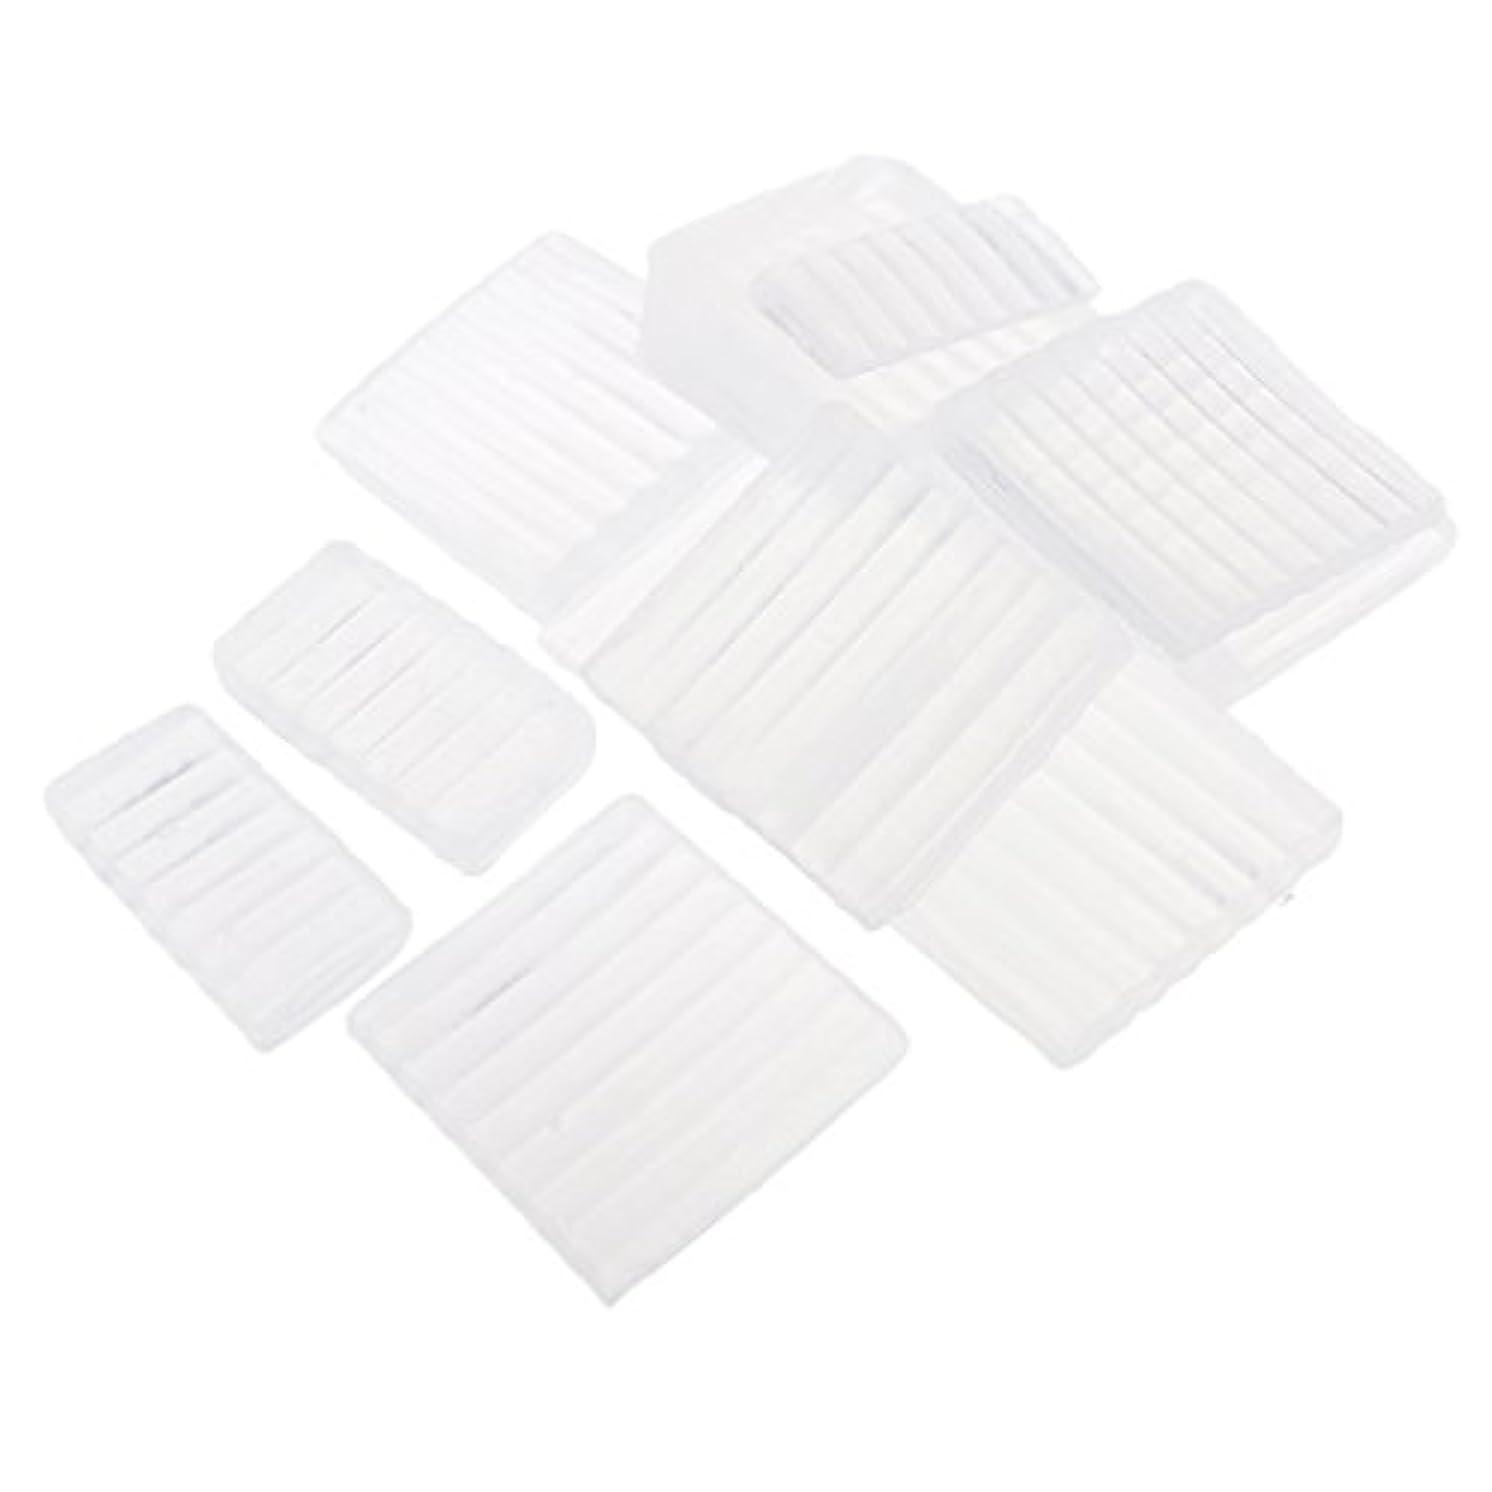 無一文傀儡パブPerfeclan 約500g ホワイト 透明 石鹸ベース DIY 手作り 石鹸 材料